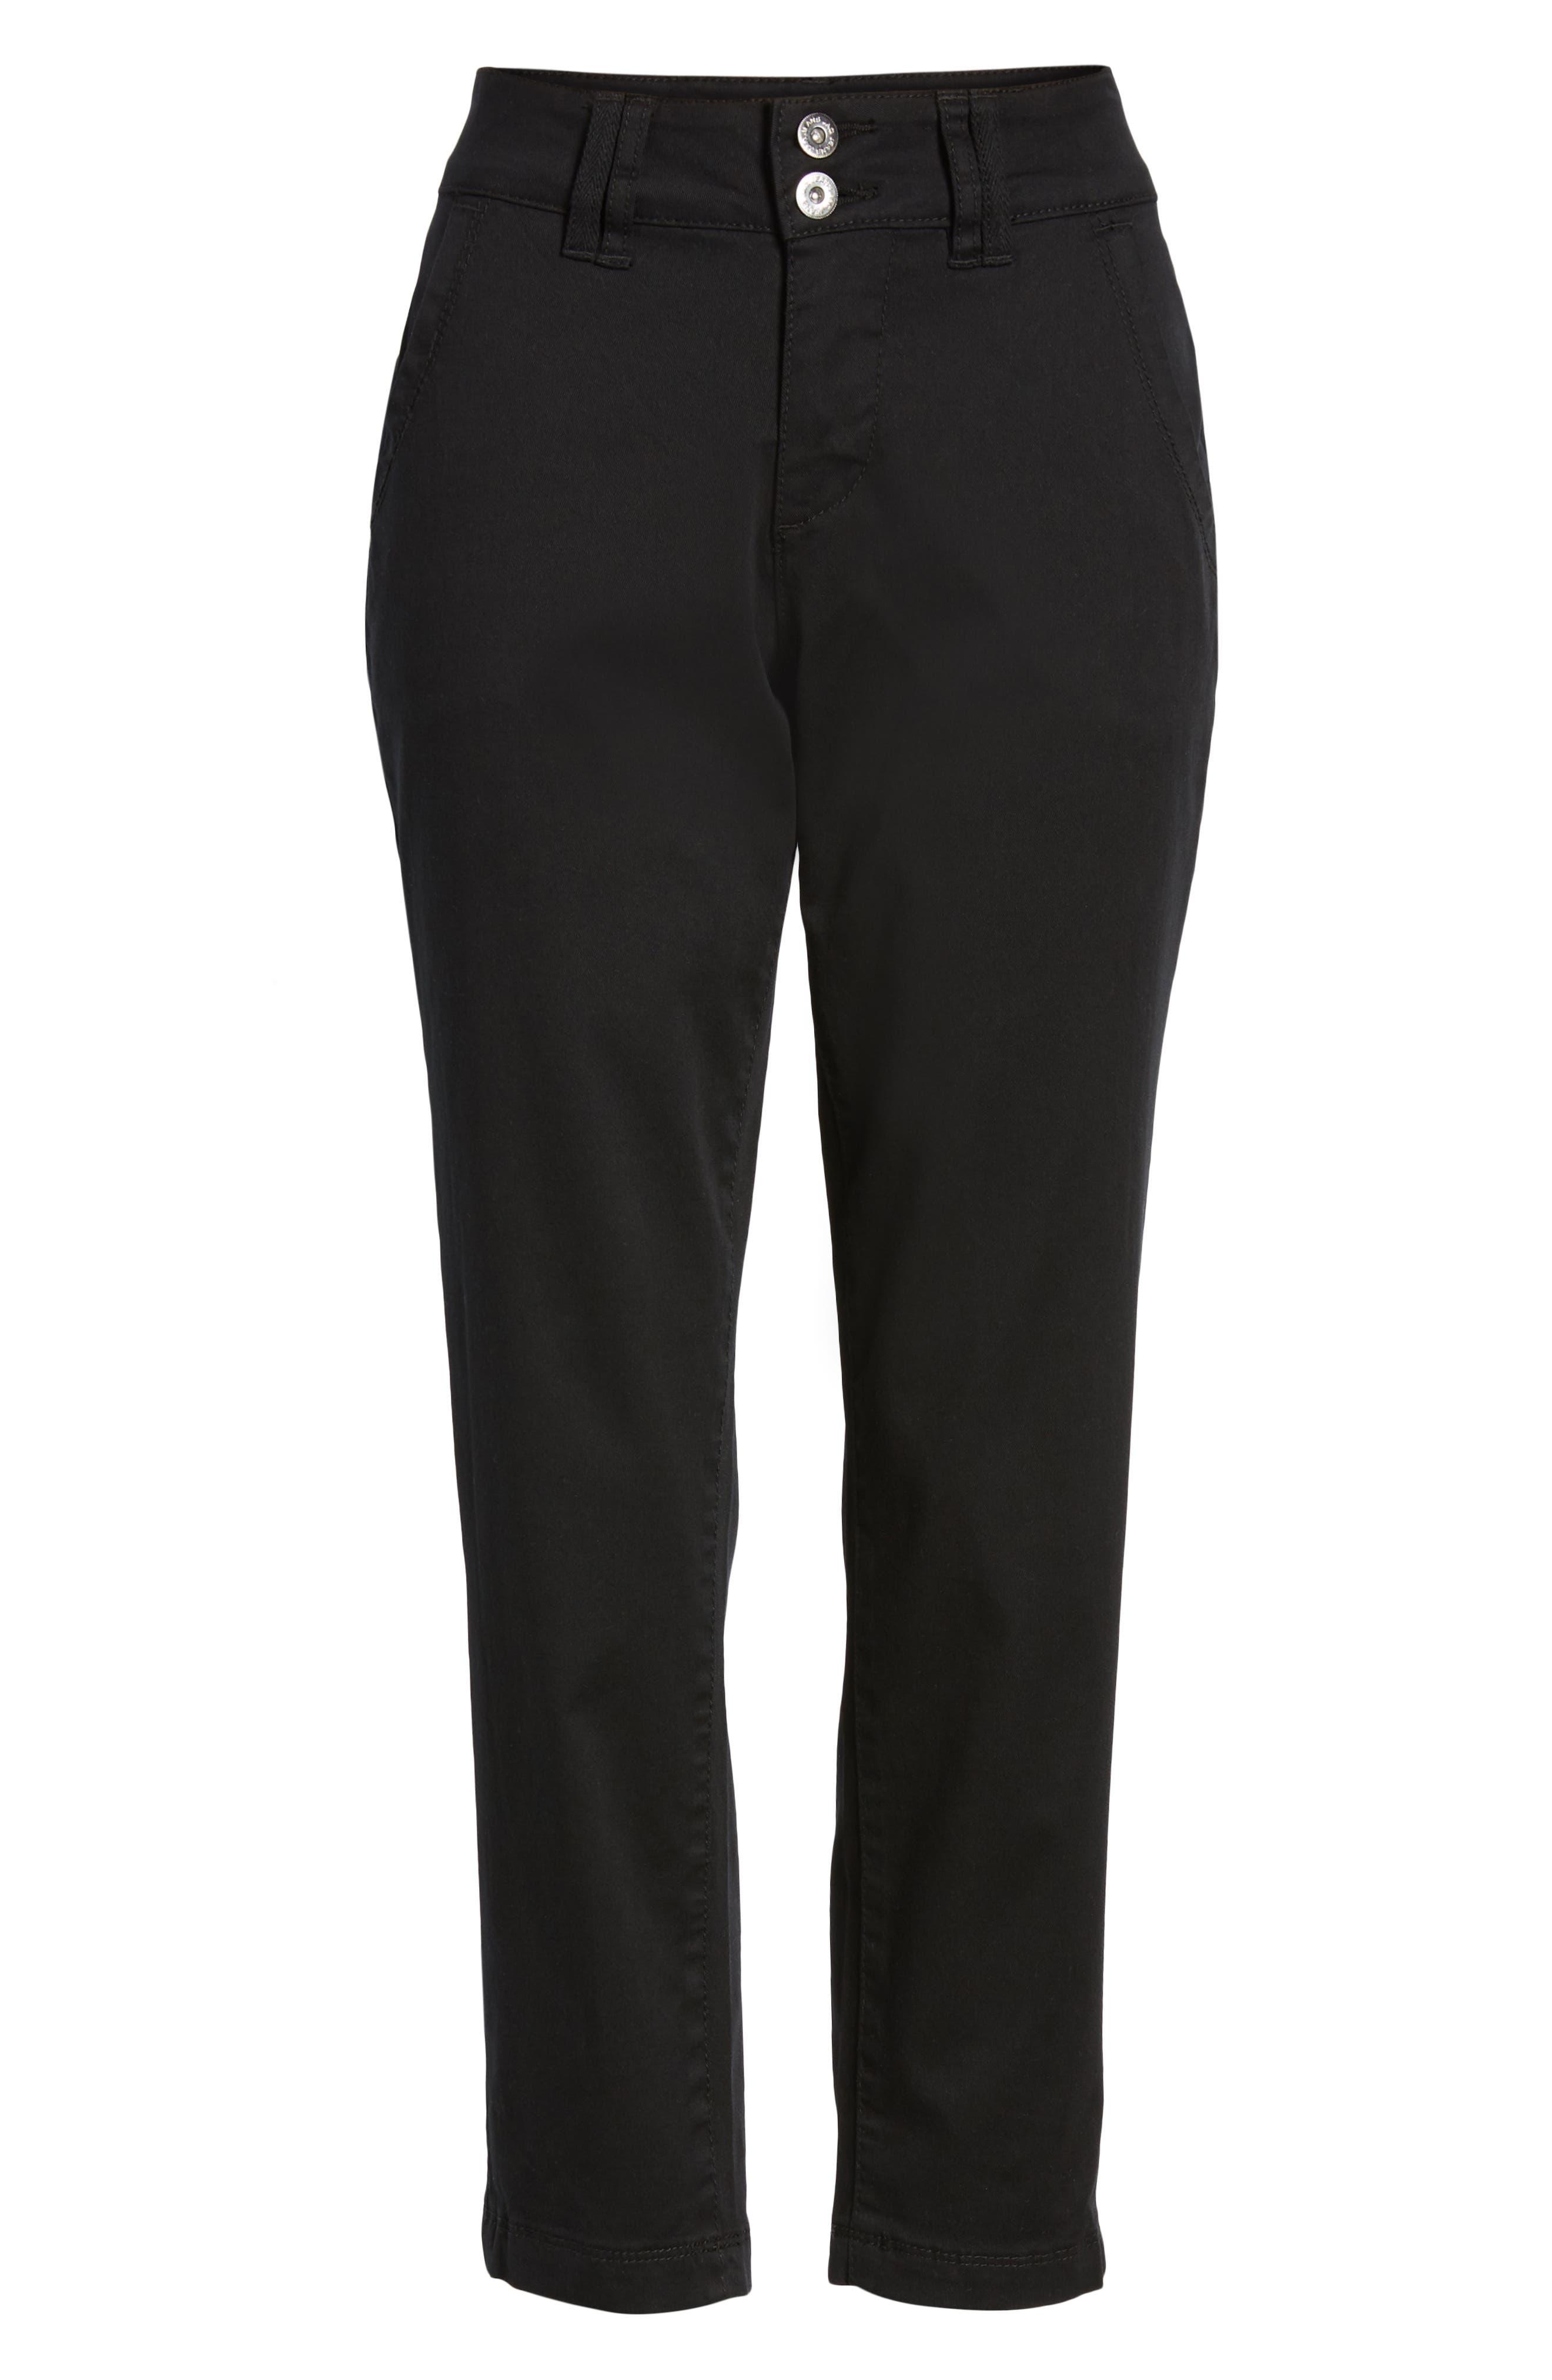 JAG JEANS,                             Flora Crop Pants,                             Alternate thumbnail 6, color,                             BLACK